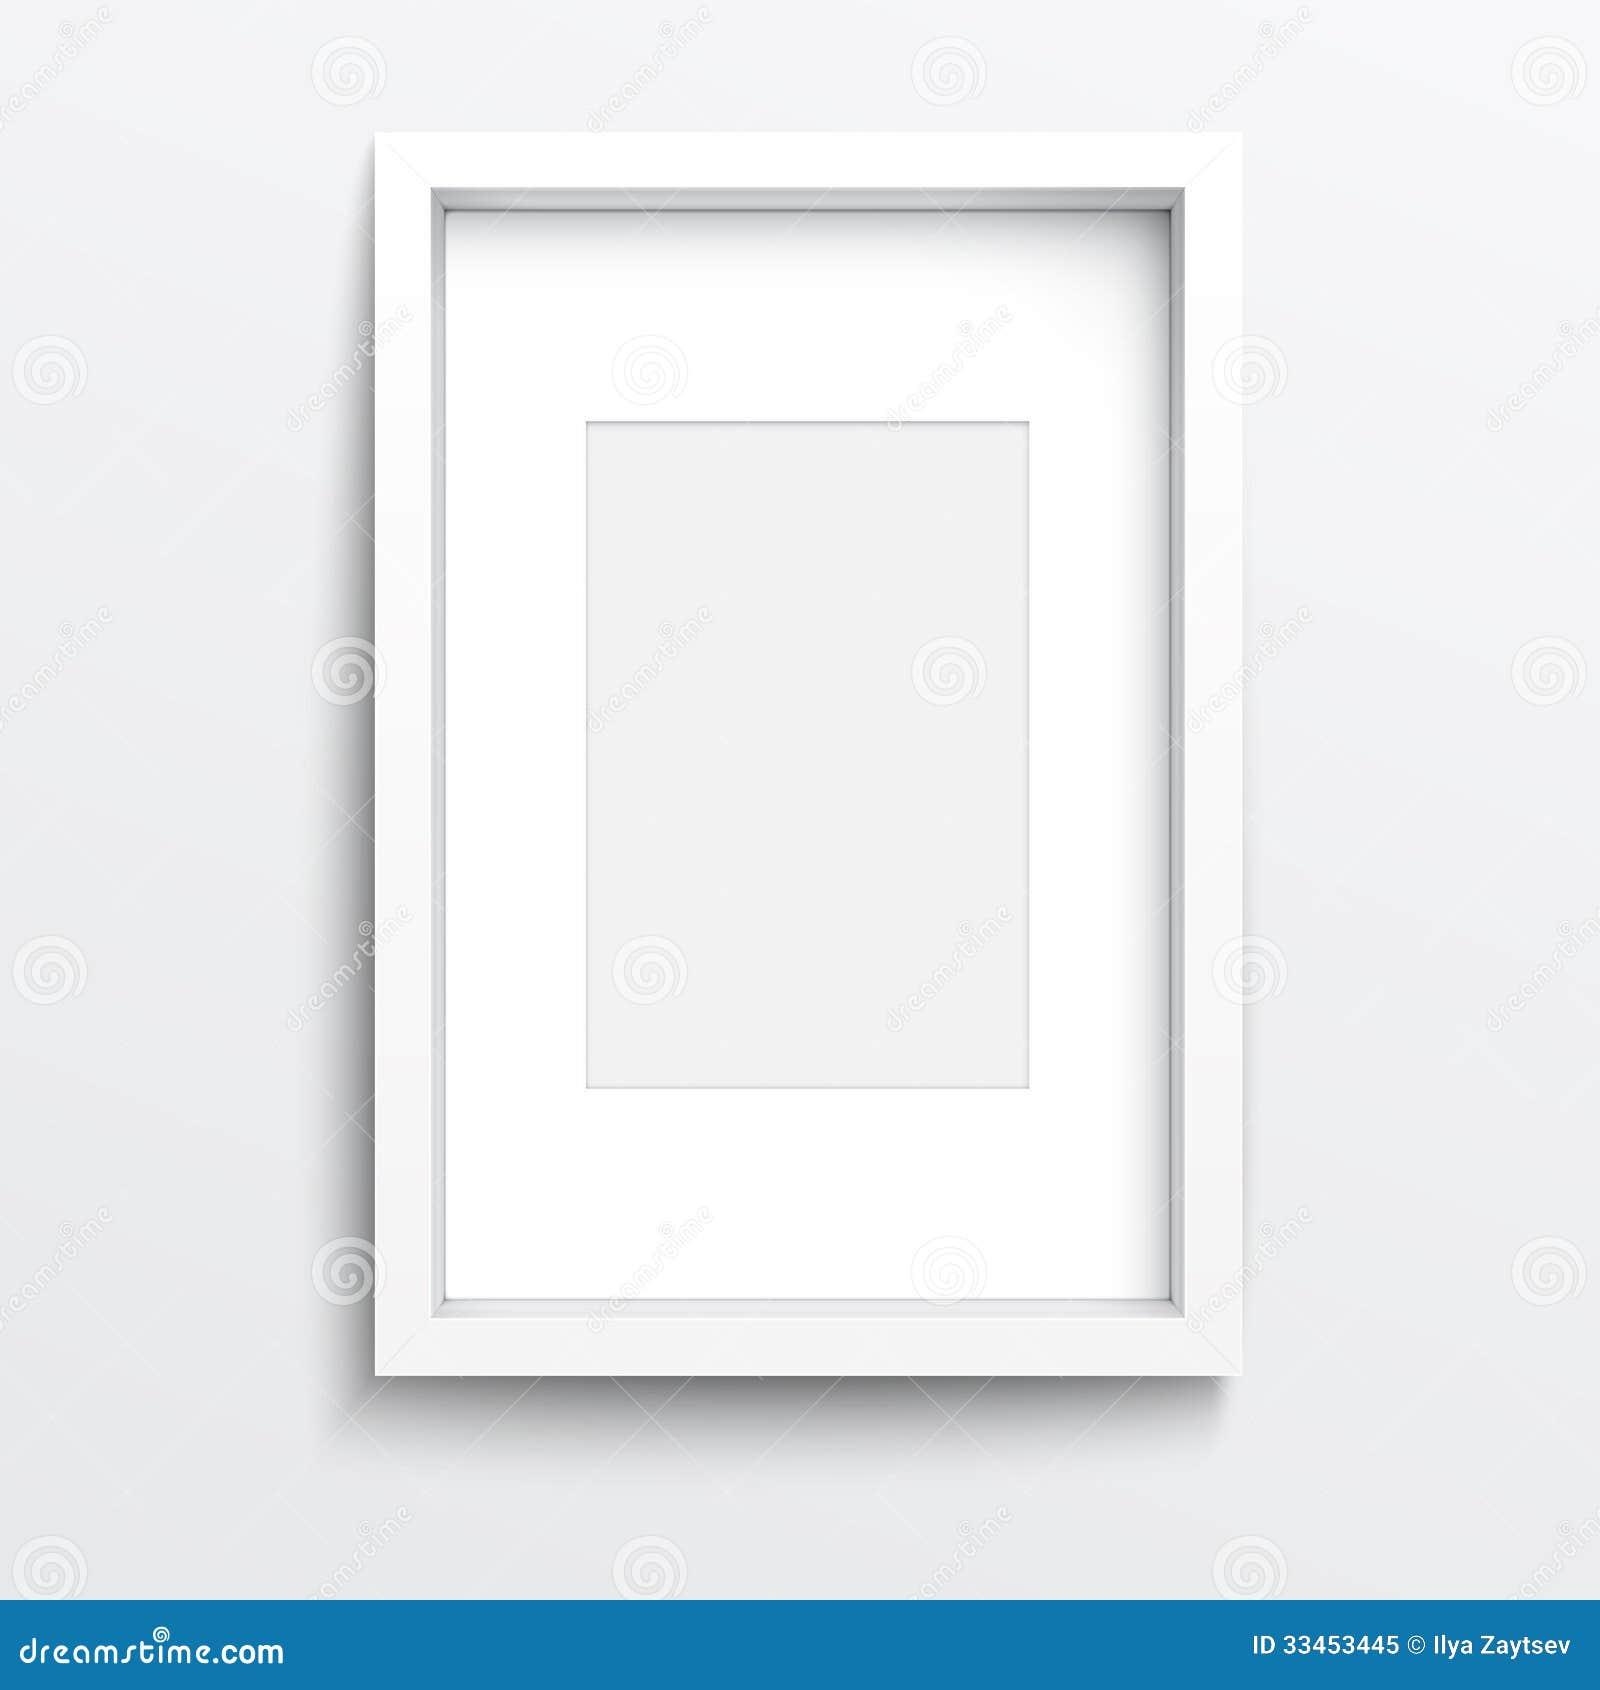 Marco Vertical Blanco En La Pared Gris. Ilustración del Vector ...